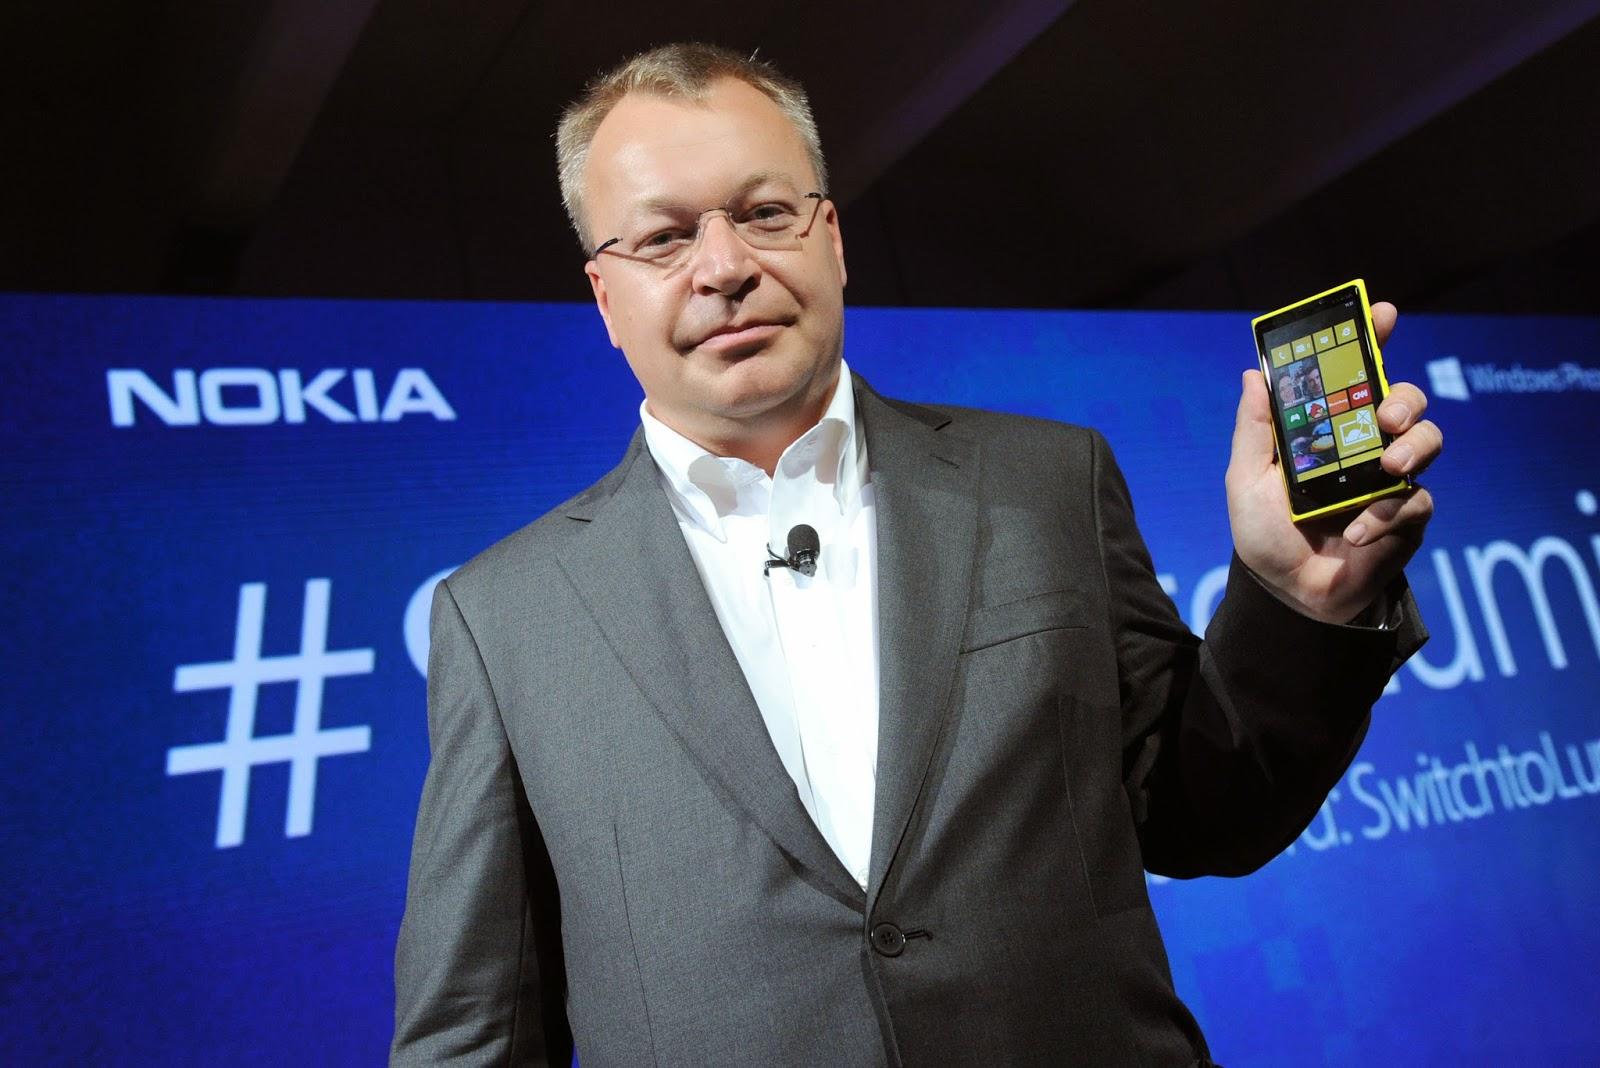 Stephen Elop, Microsoft, Microsoft and Nokia, Nokia, CEO of Nokia, Windows IT Pro, mobile,